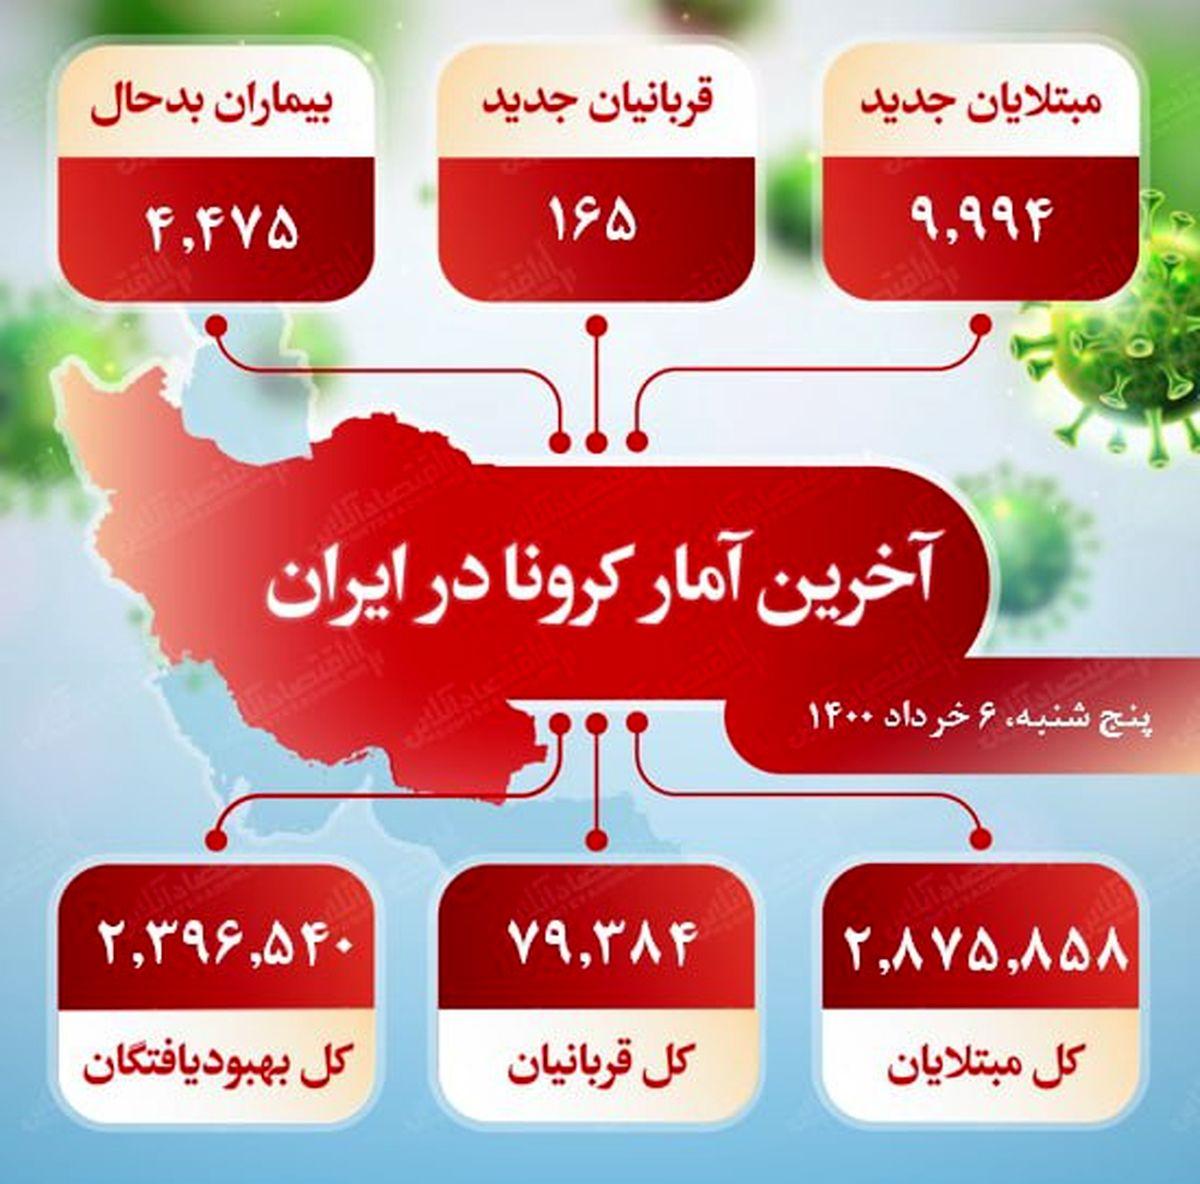 آخرین آمار کرونا در ایران (۱۴۰۰/۳/۶)